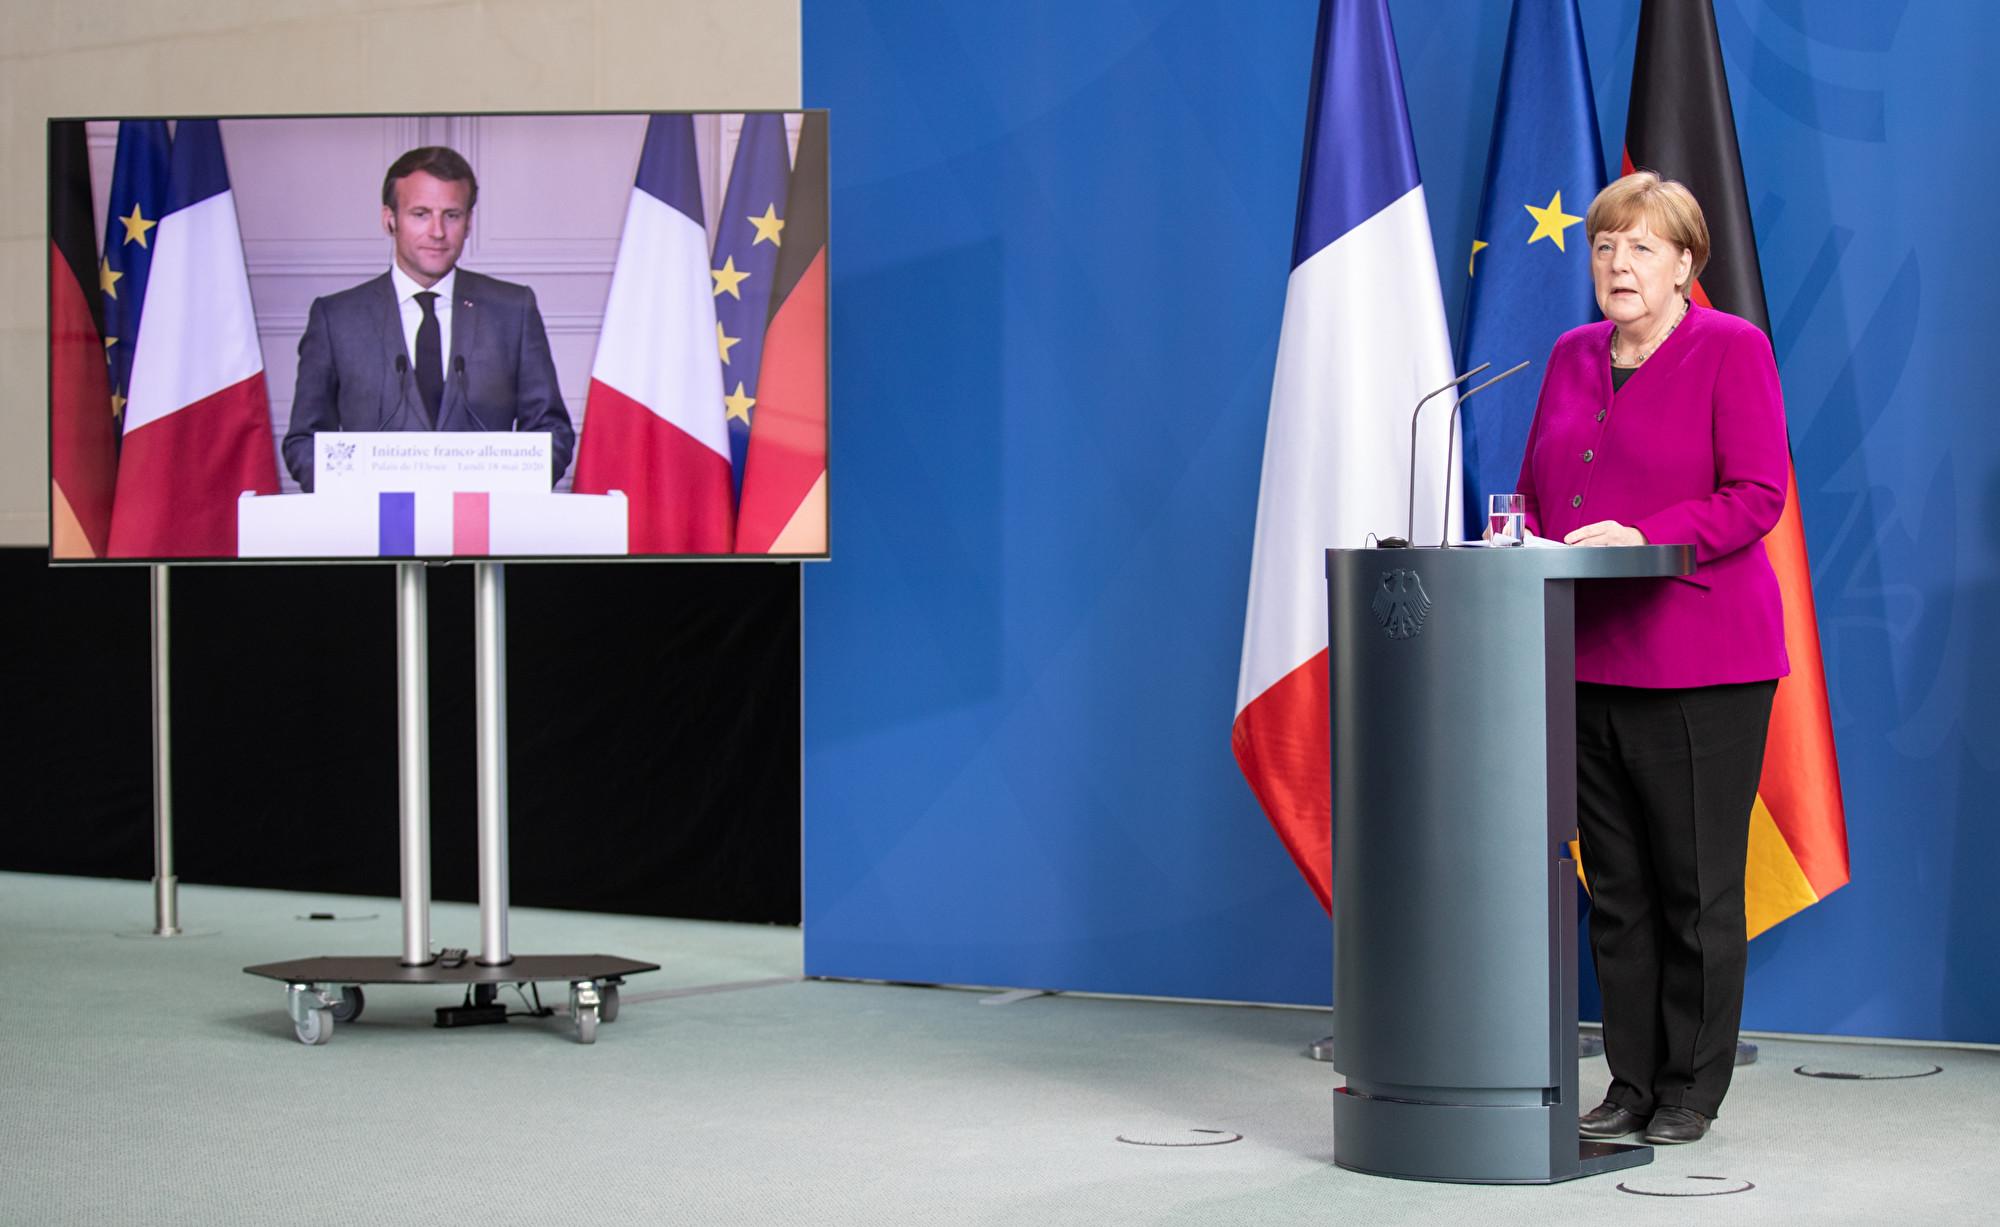 法德兩國提議共創五千億歐元基金 復興經濟